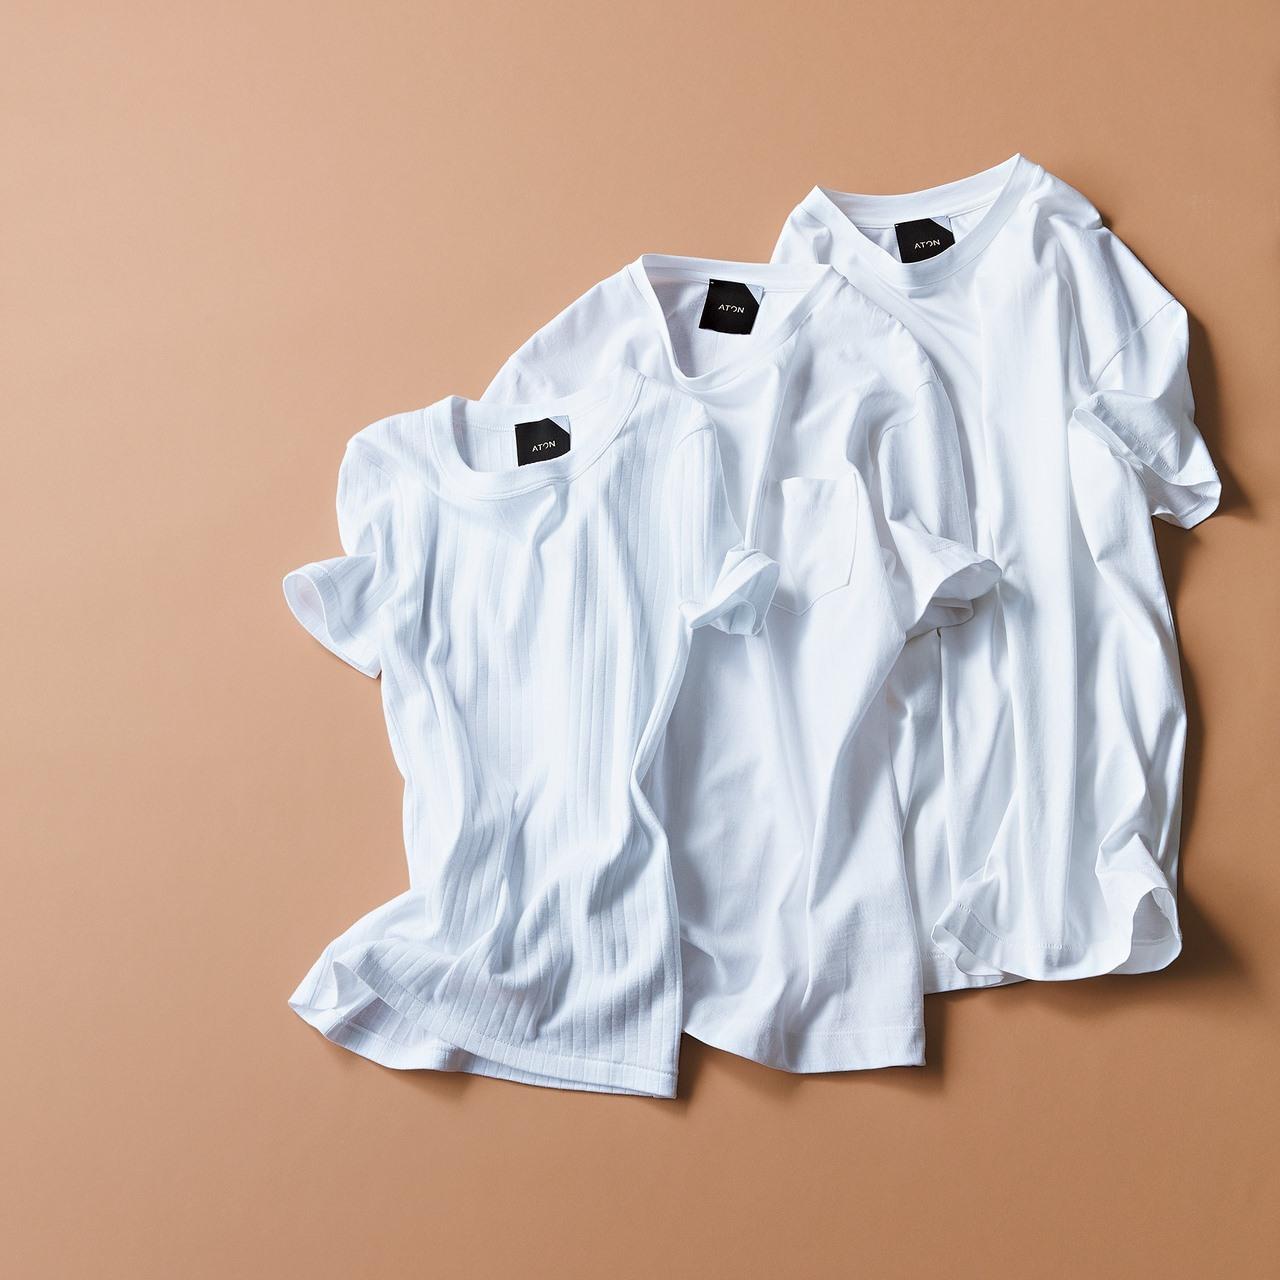 白いトップスを新調するなら、このシャツとTシャツ!_1_1-2